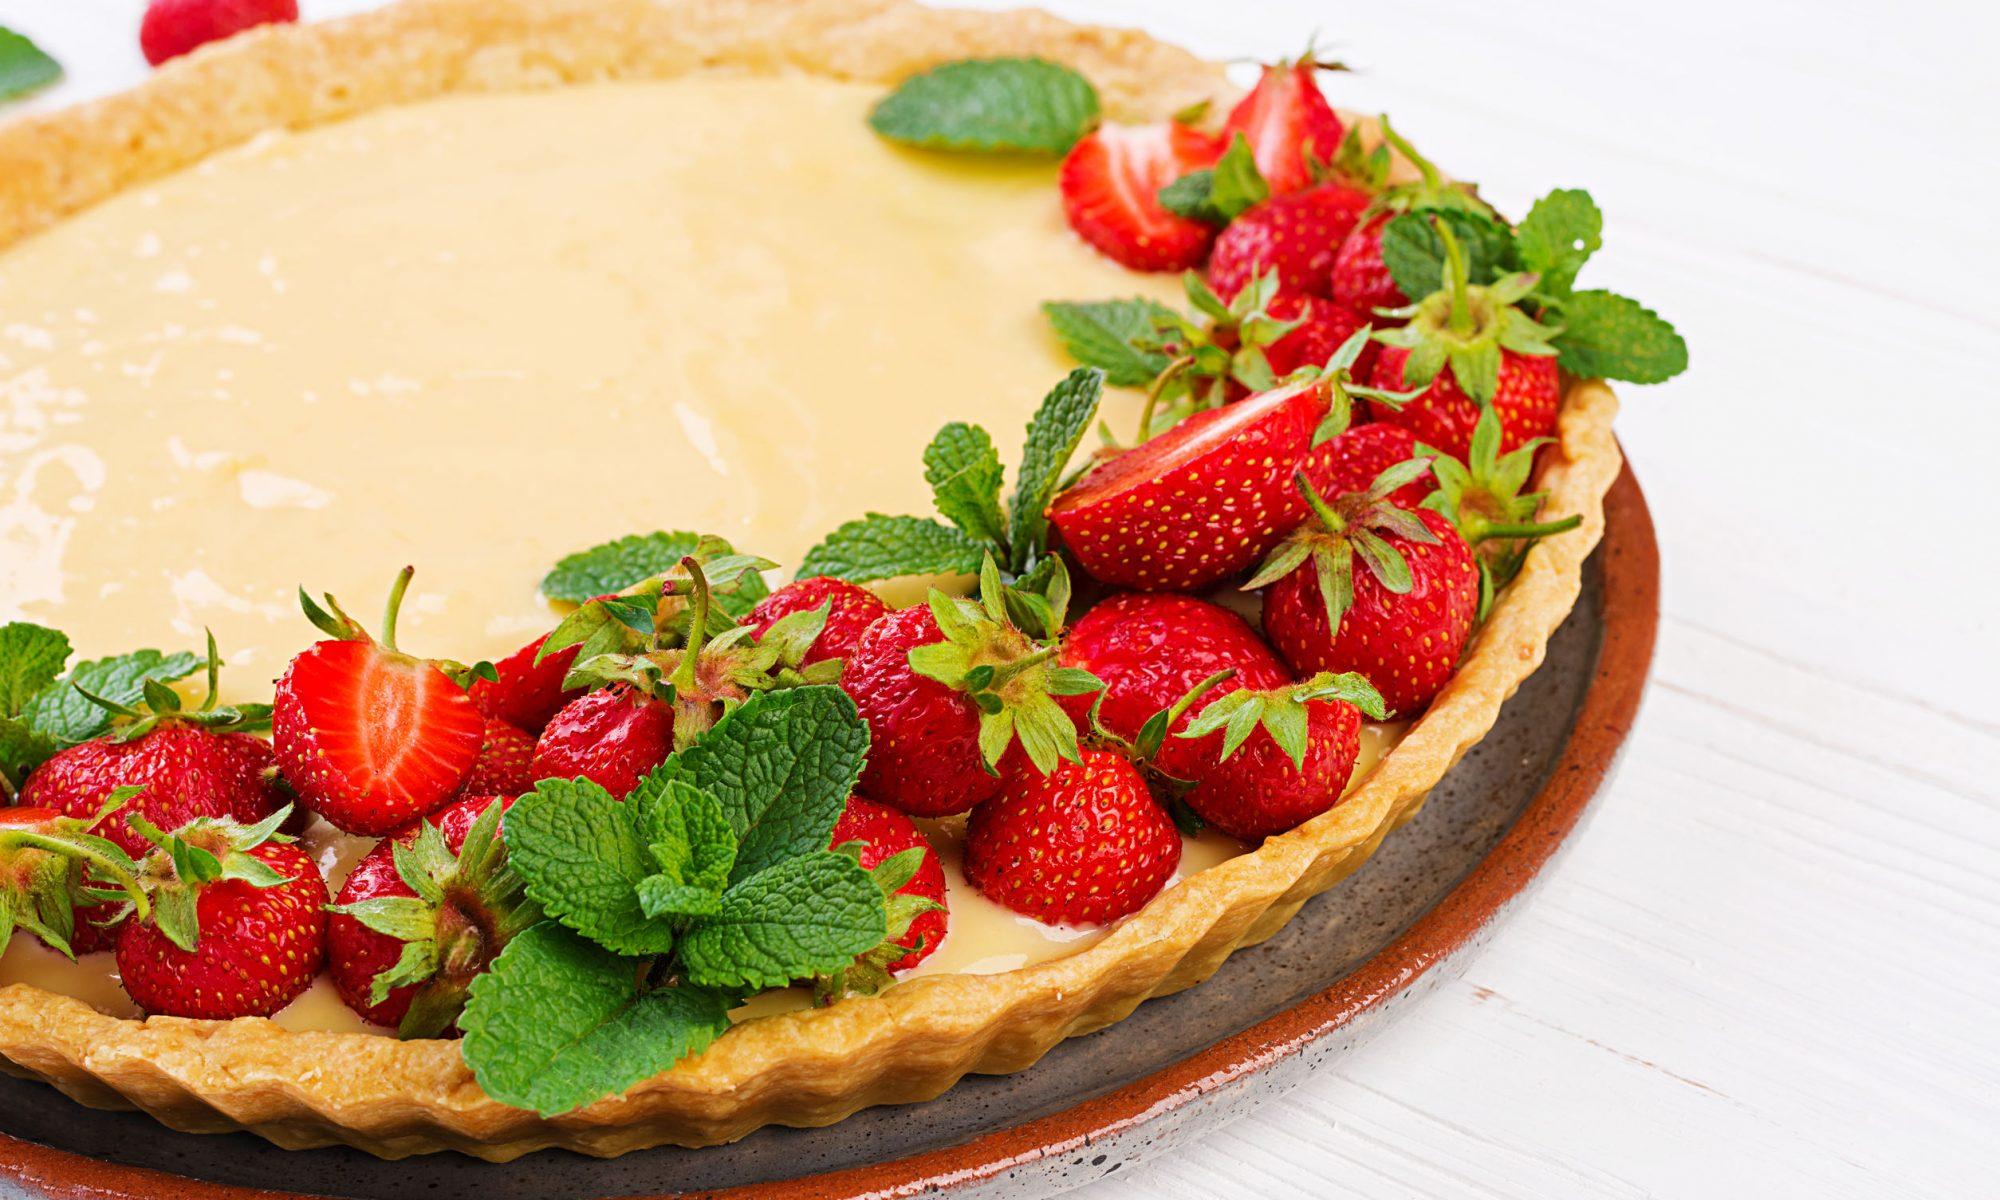 Роскошный австрийский десерт, или как приготовить тирольский пирог